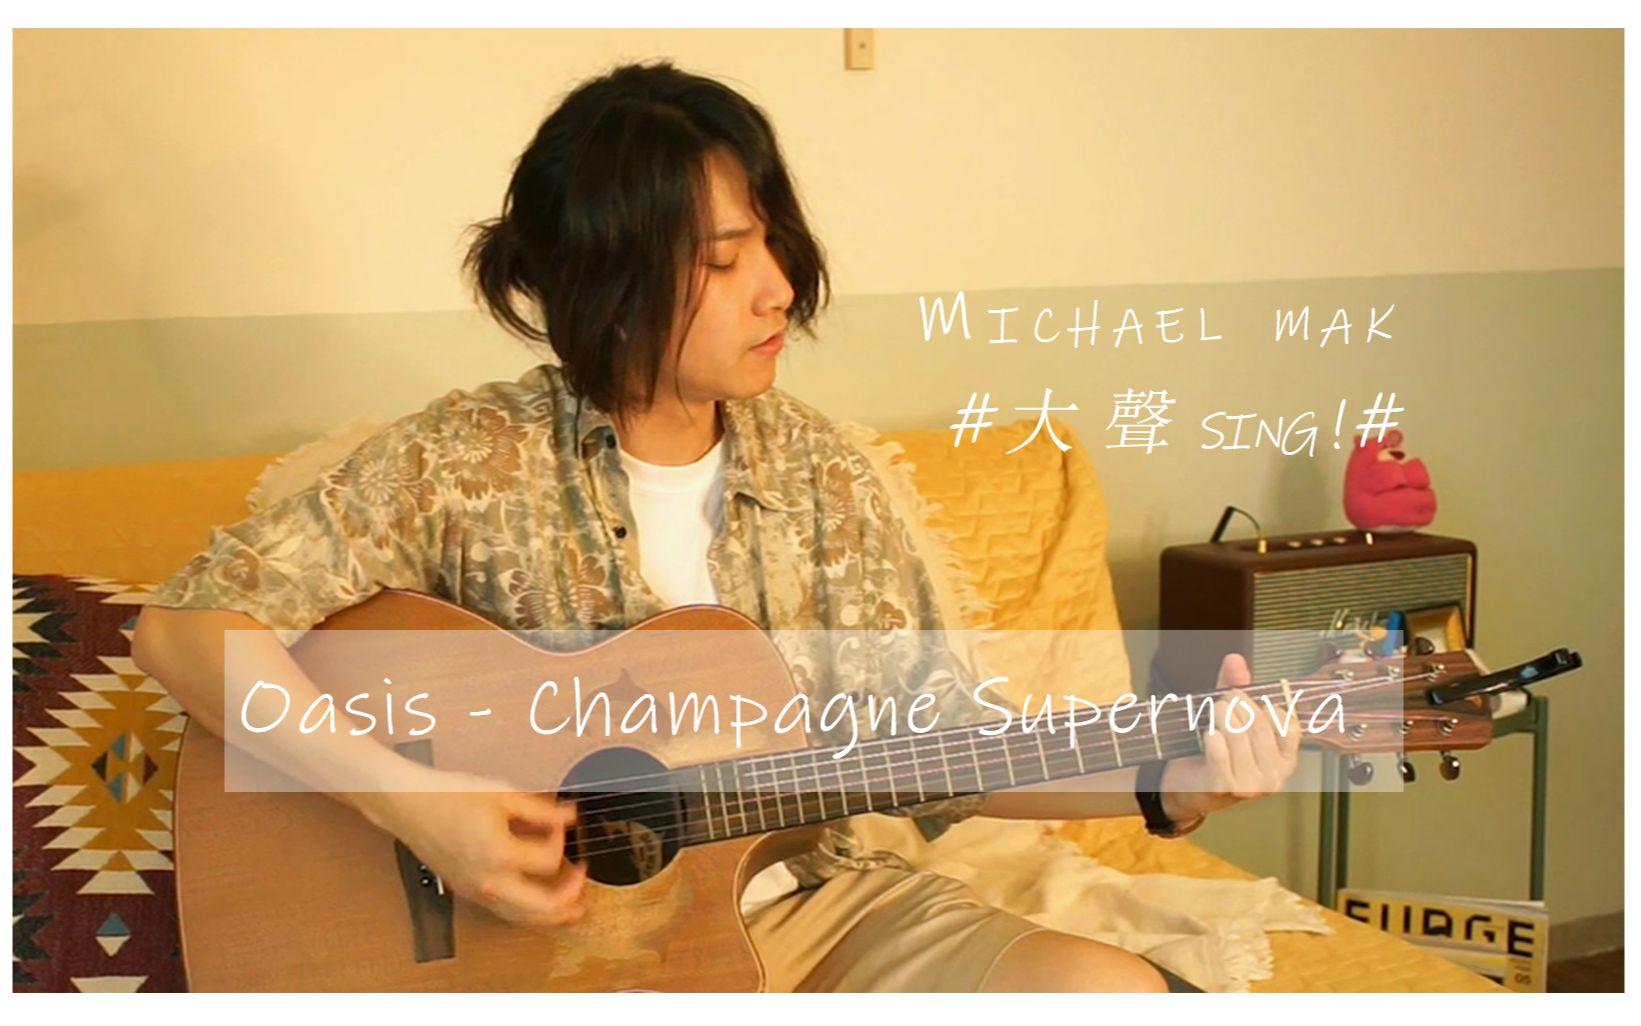 弹唱大声sing】Oasis - Champagne Supernova(香槟超新星